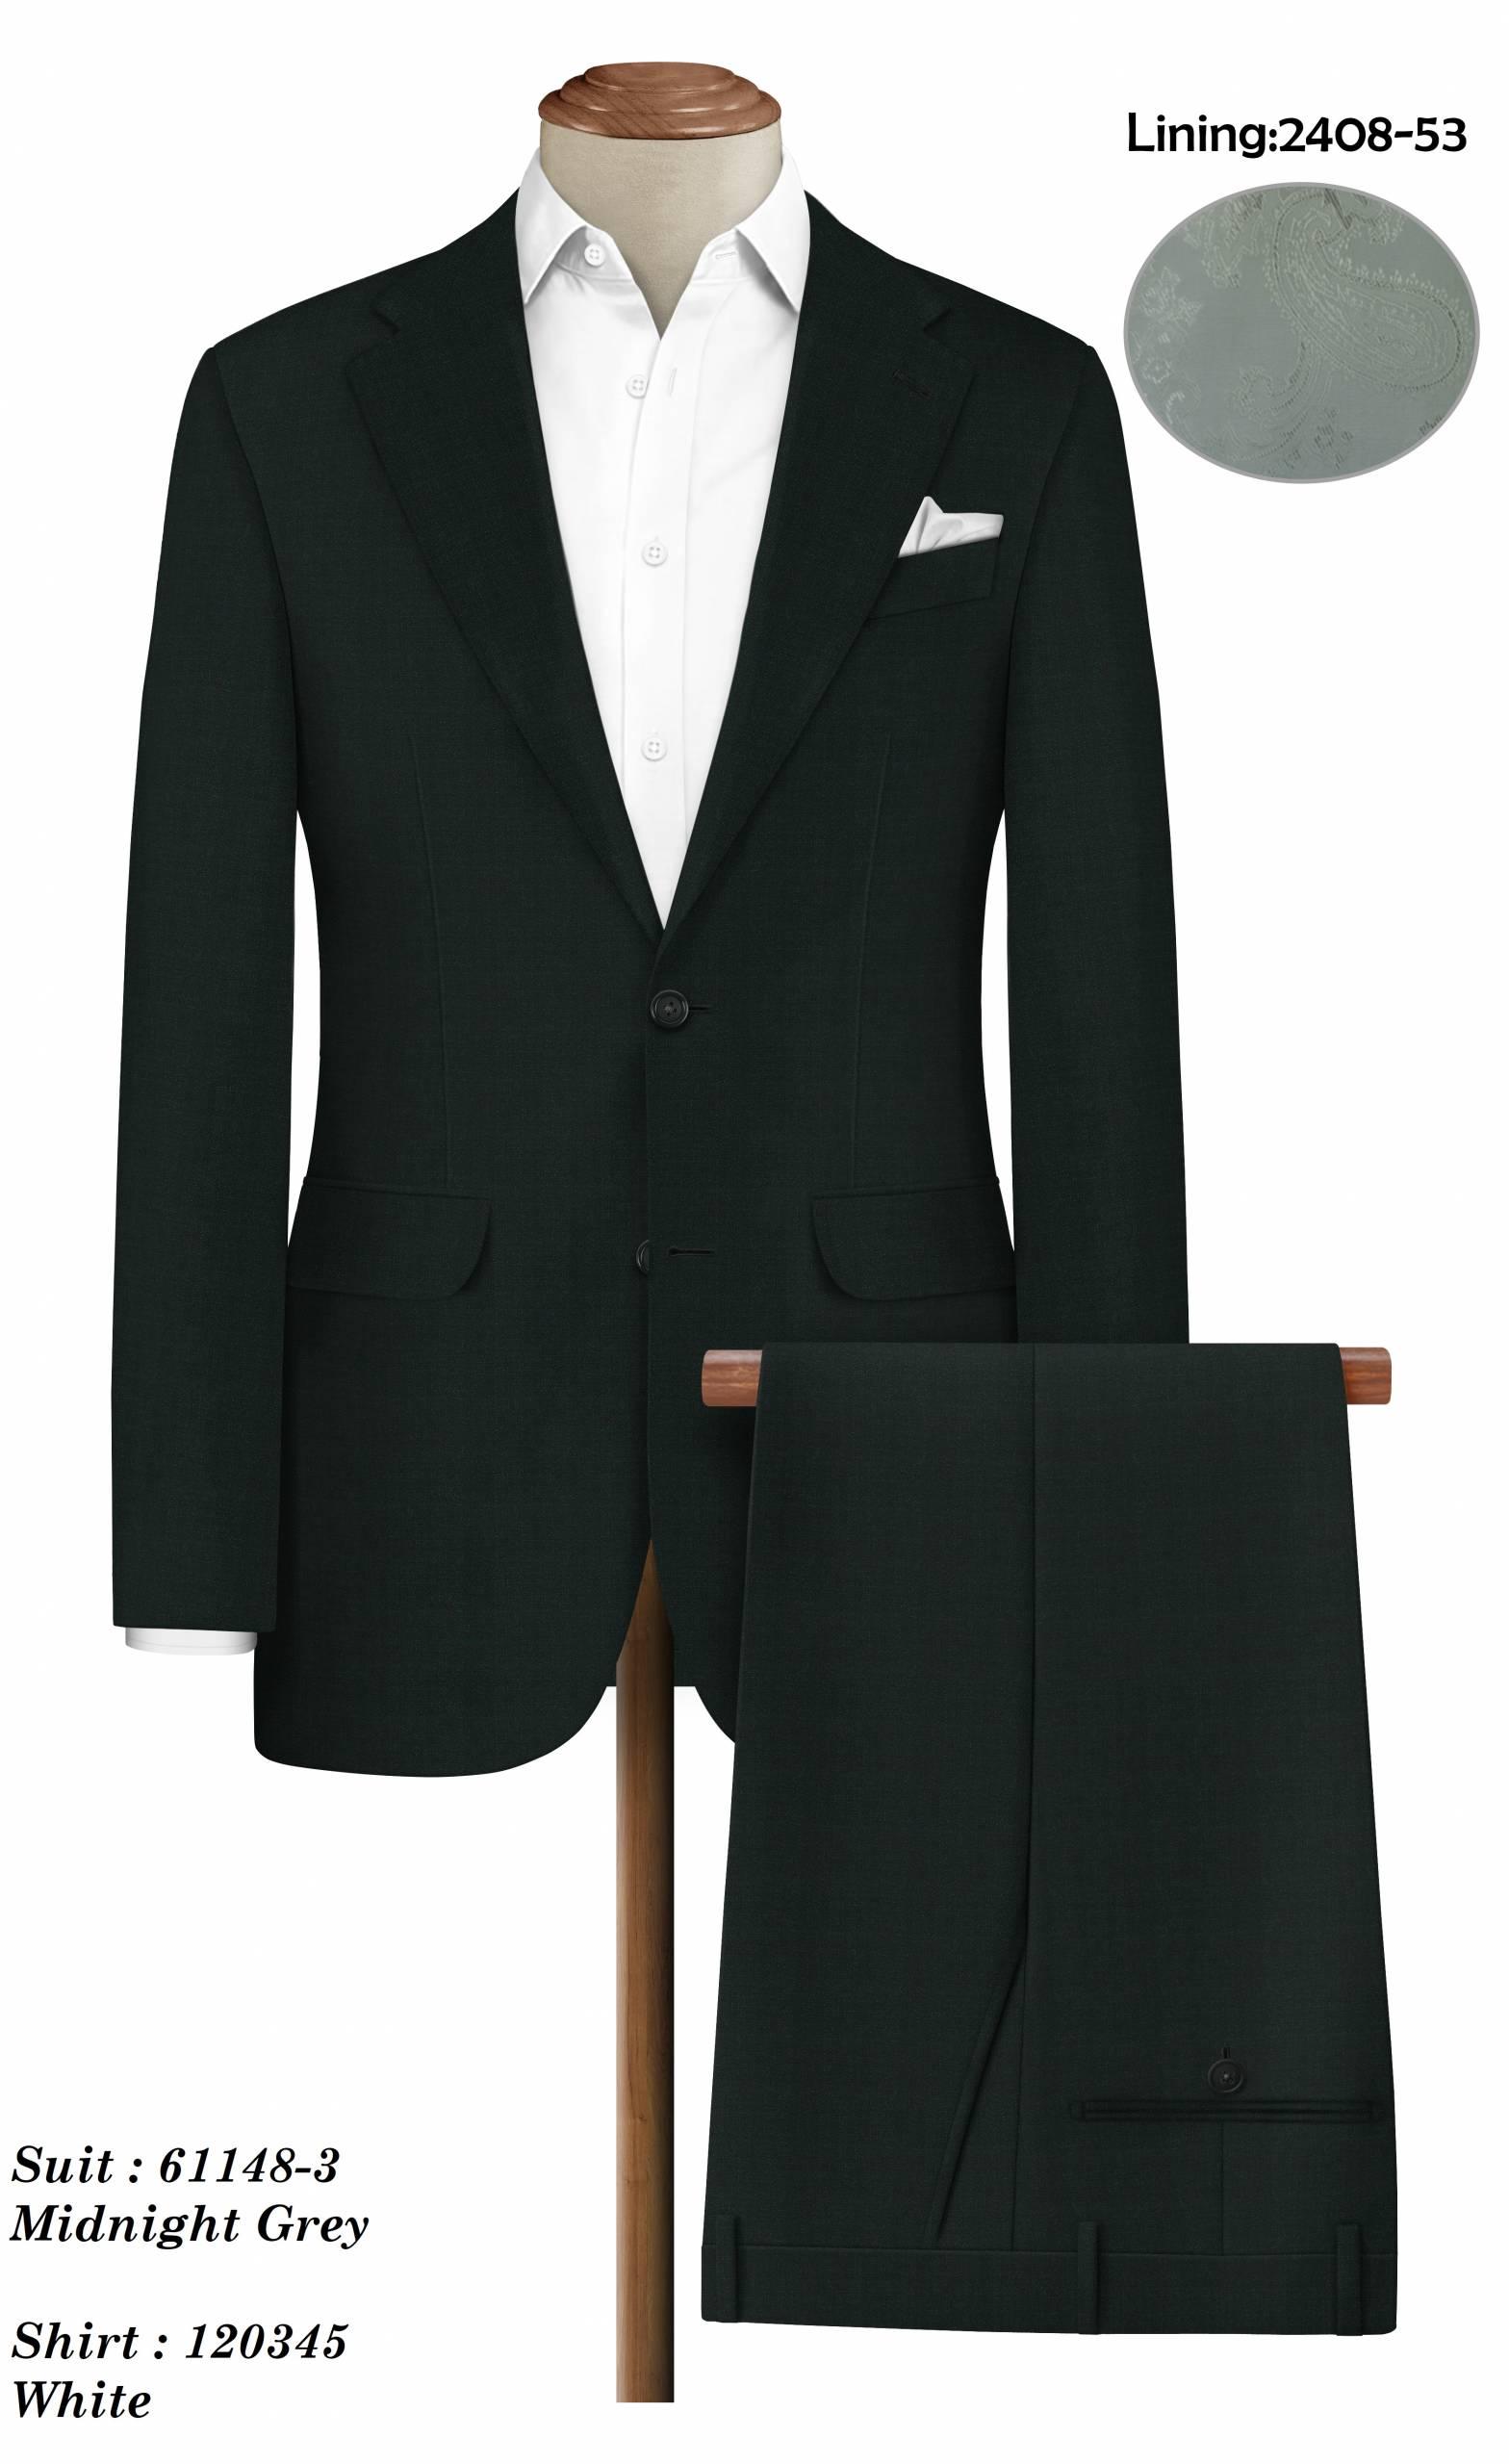 (97) 61148-3_suit